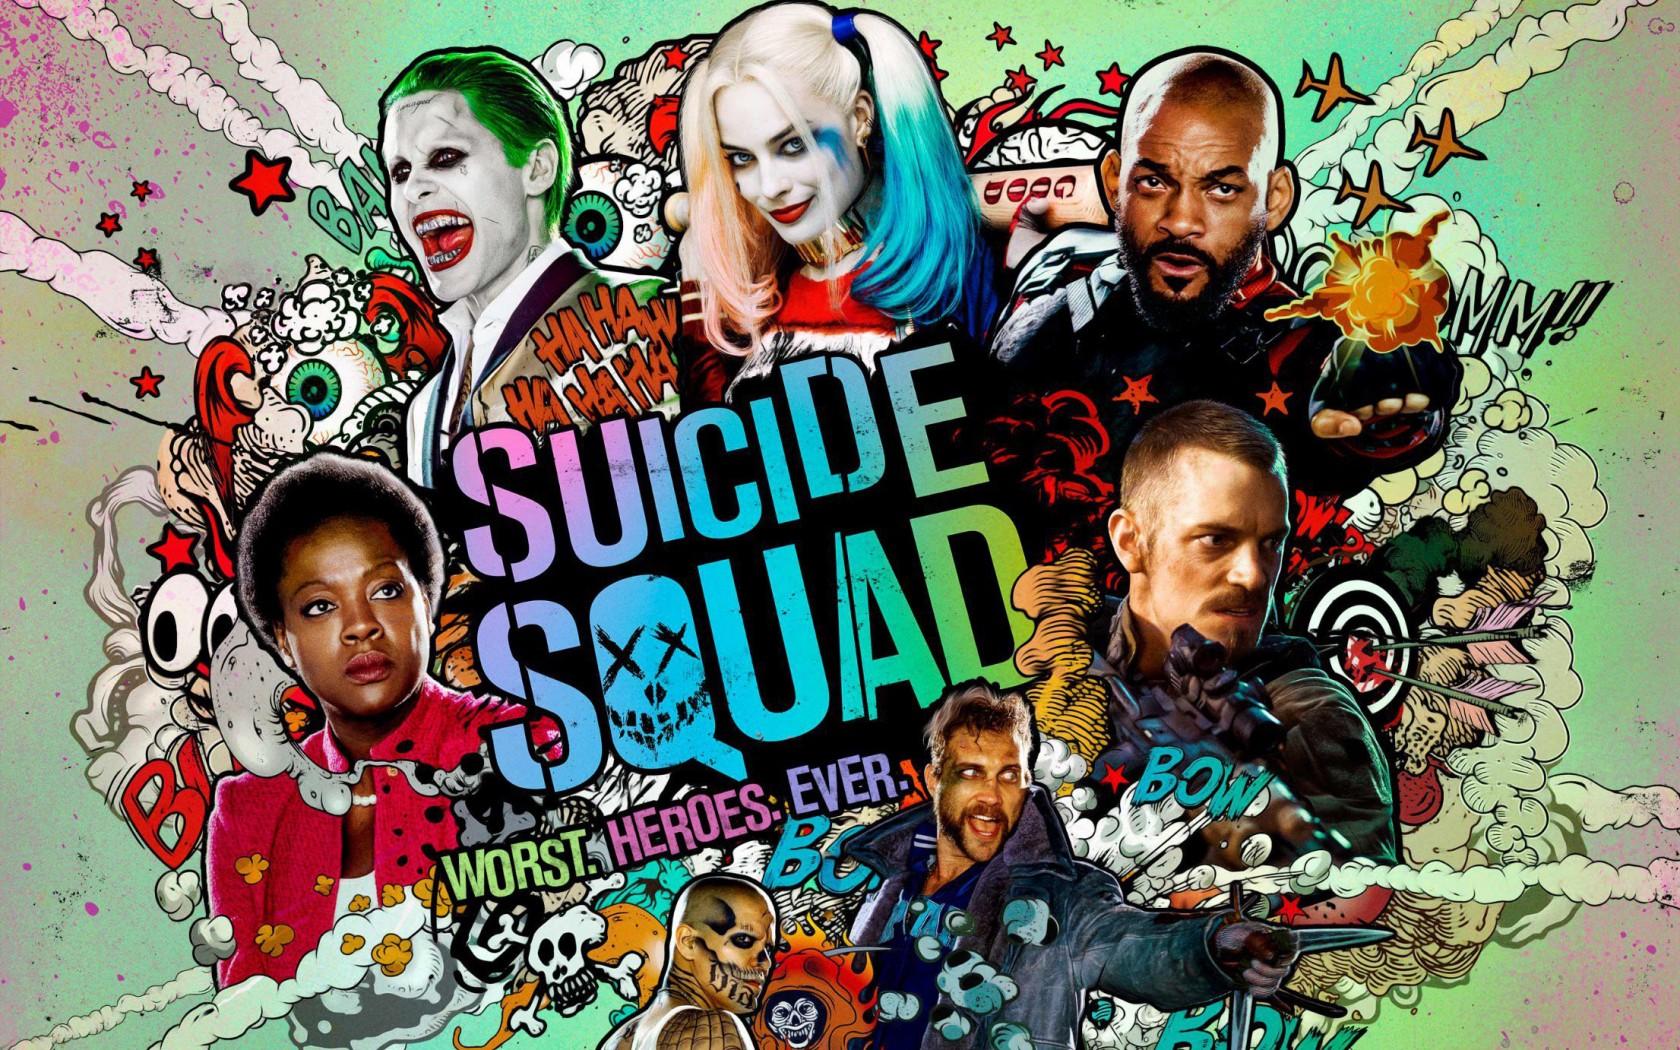 Suicide Squad Desktop Wallpaper 1150 1680x1050 px 1680x1050